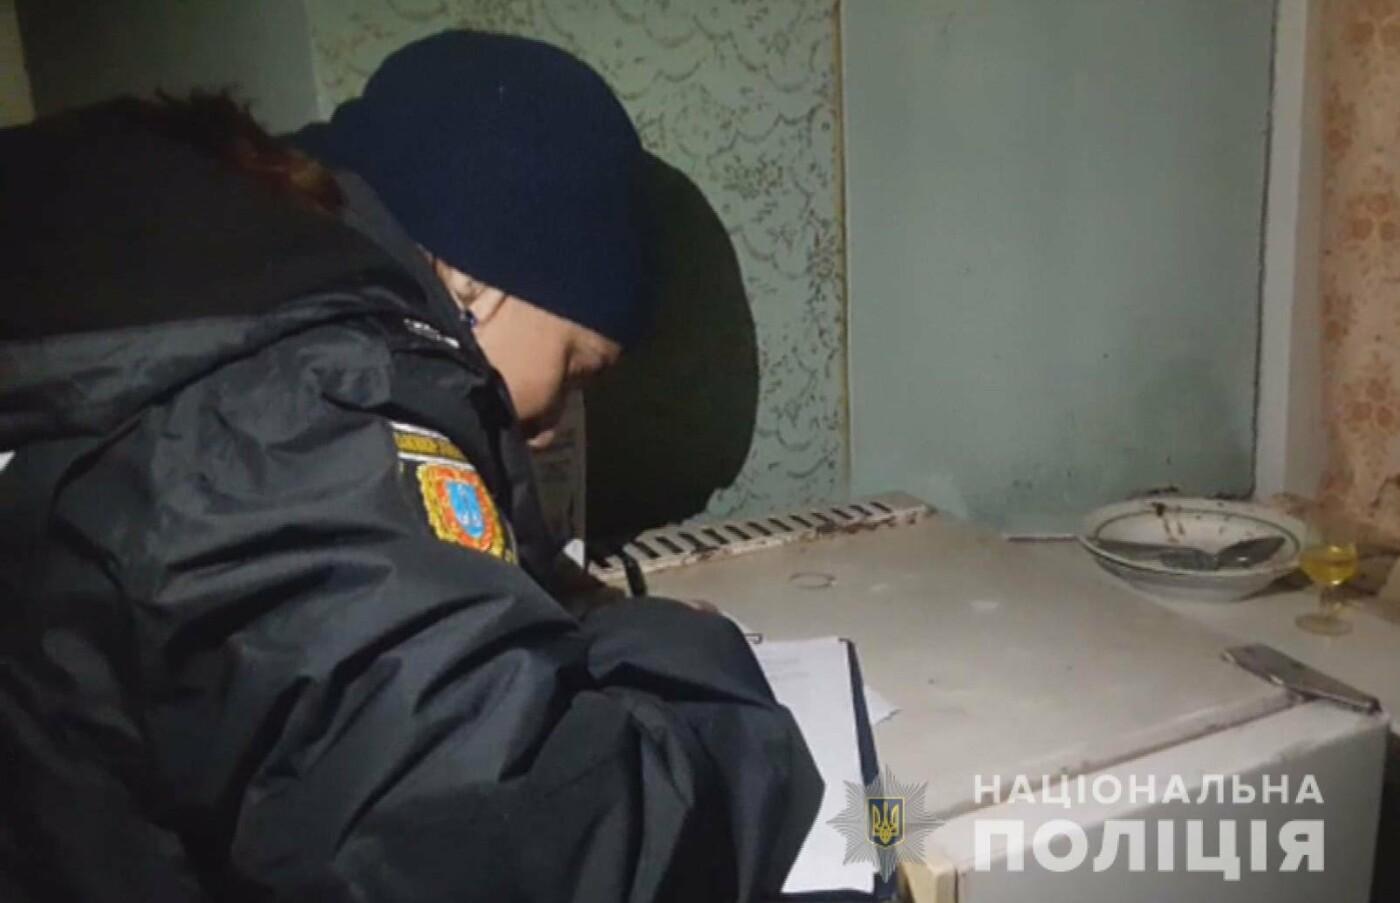 Житель Одесской области признался в нападении с ножом на старого знакомого, - ФОТО, ВИДЕО, фото-1